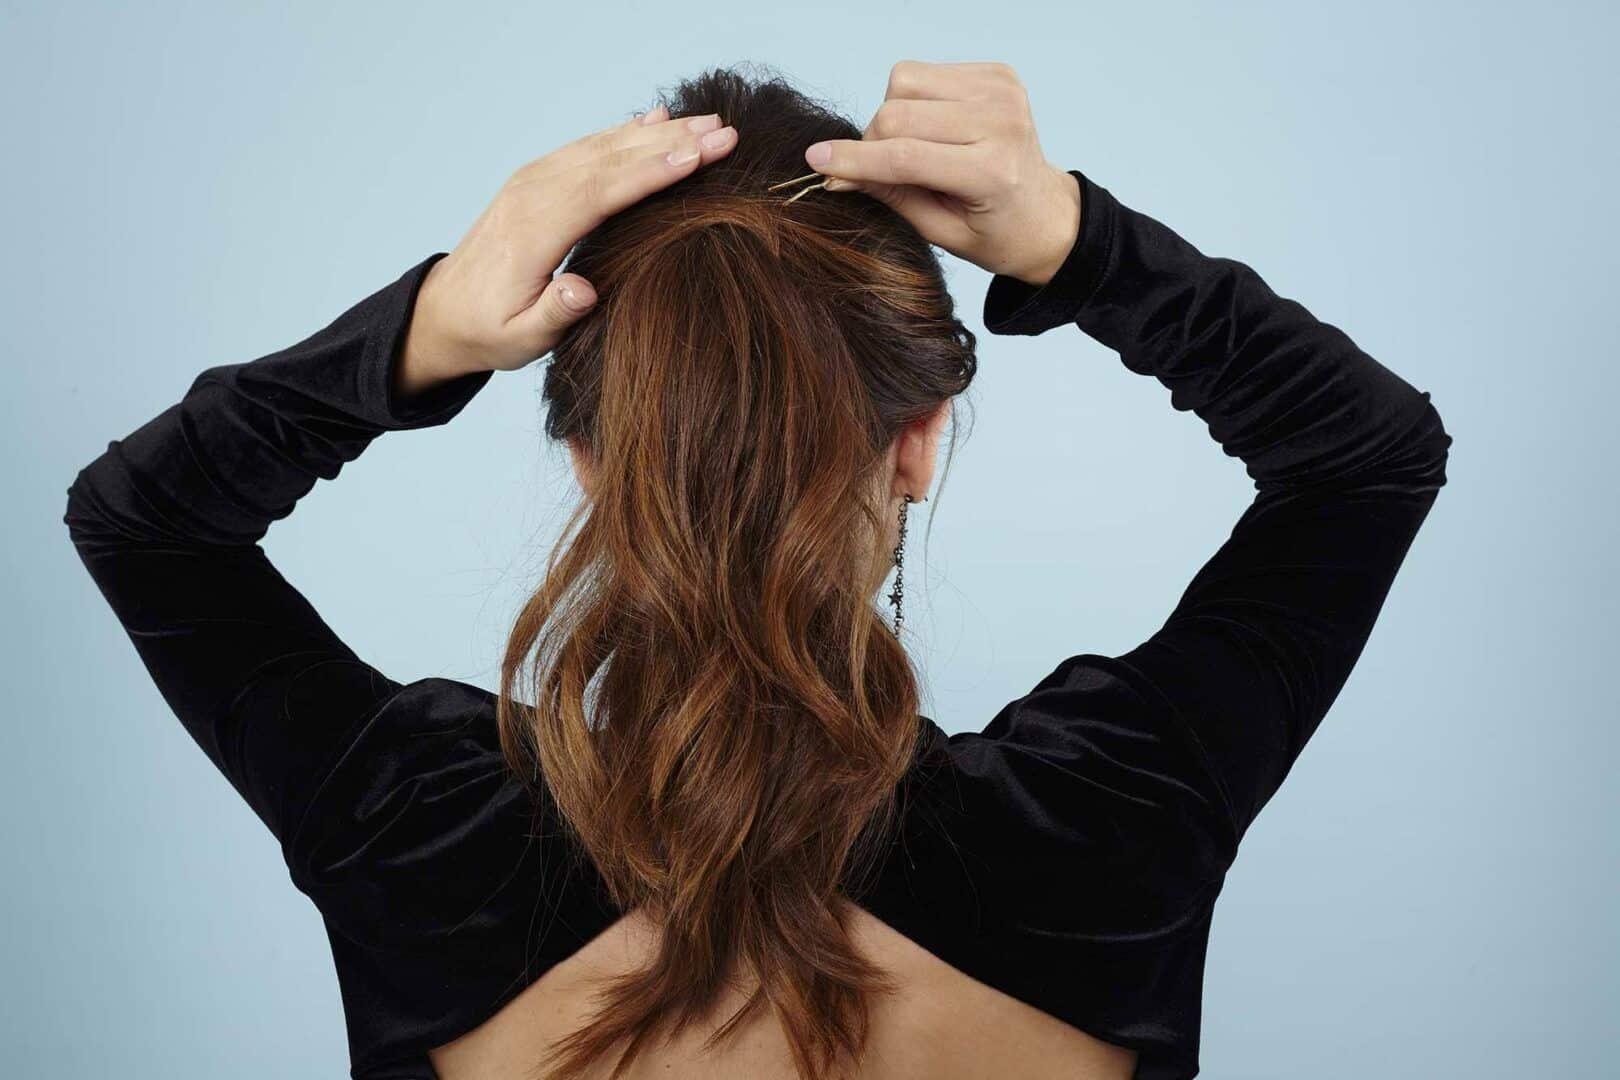 Crescimento do cabelo: 10 dicas para fortificar e fazer crescer mais rápido